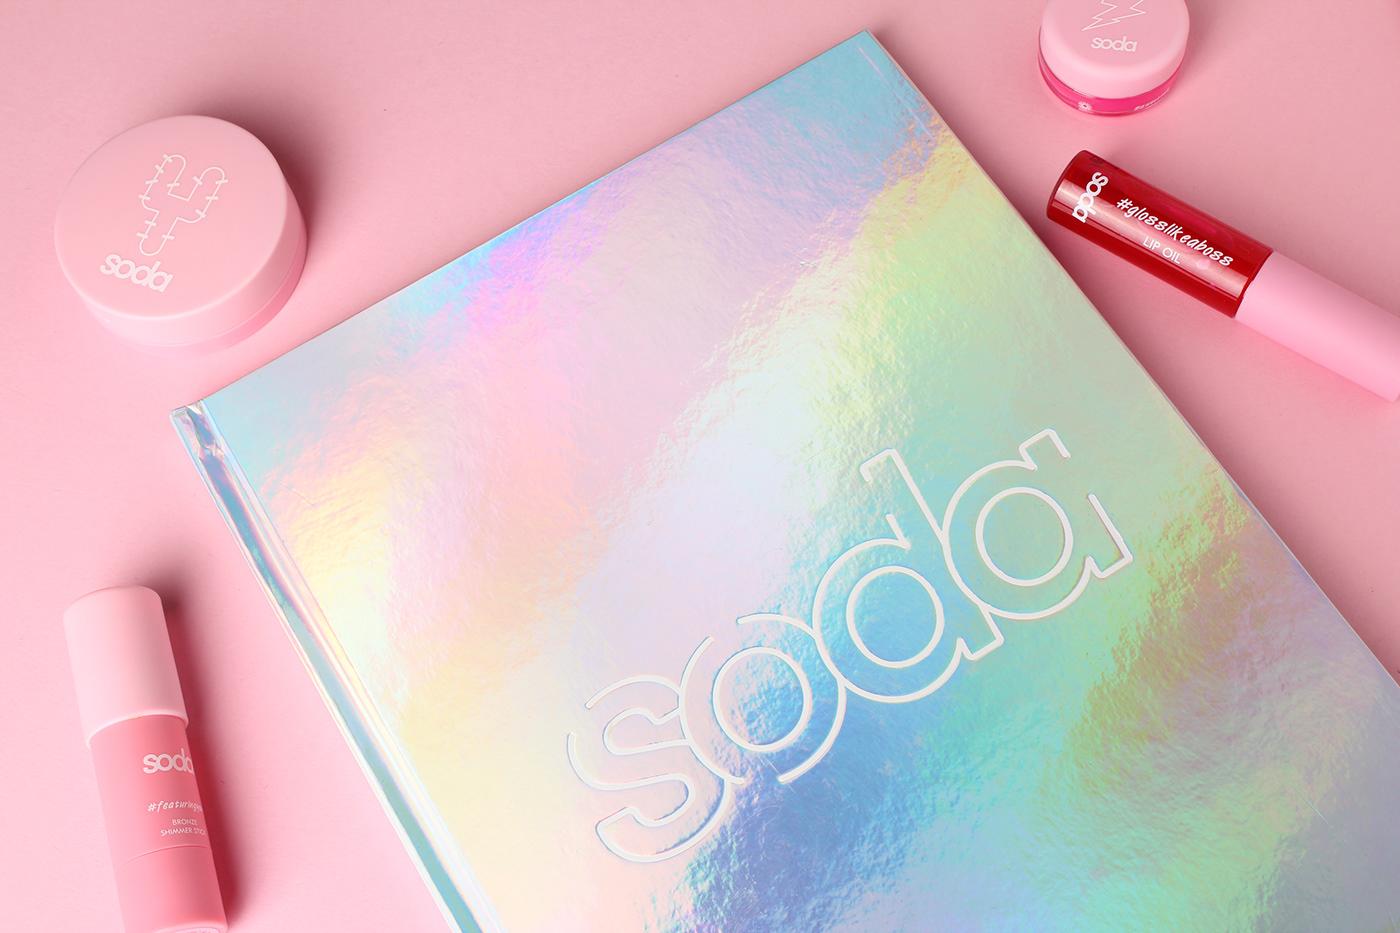 soda化妆品